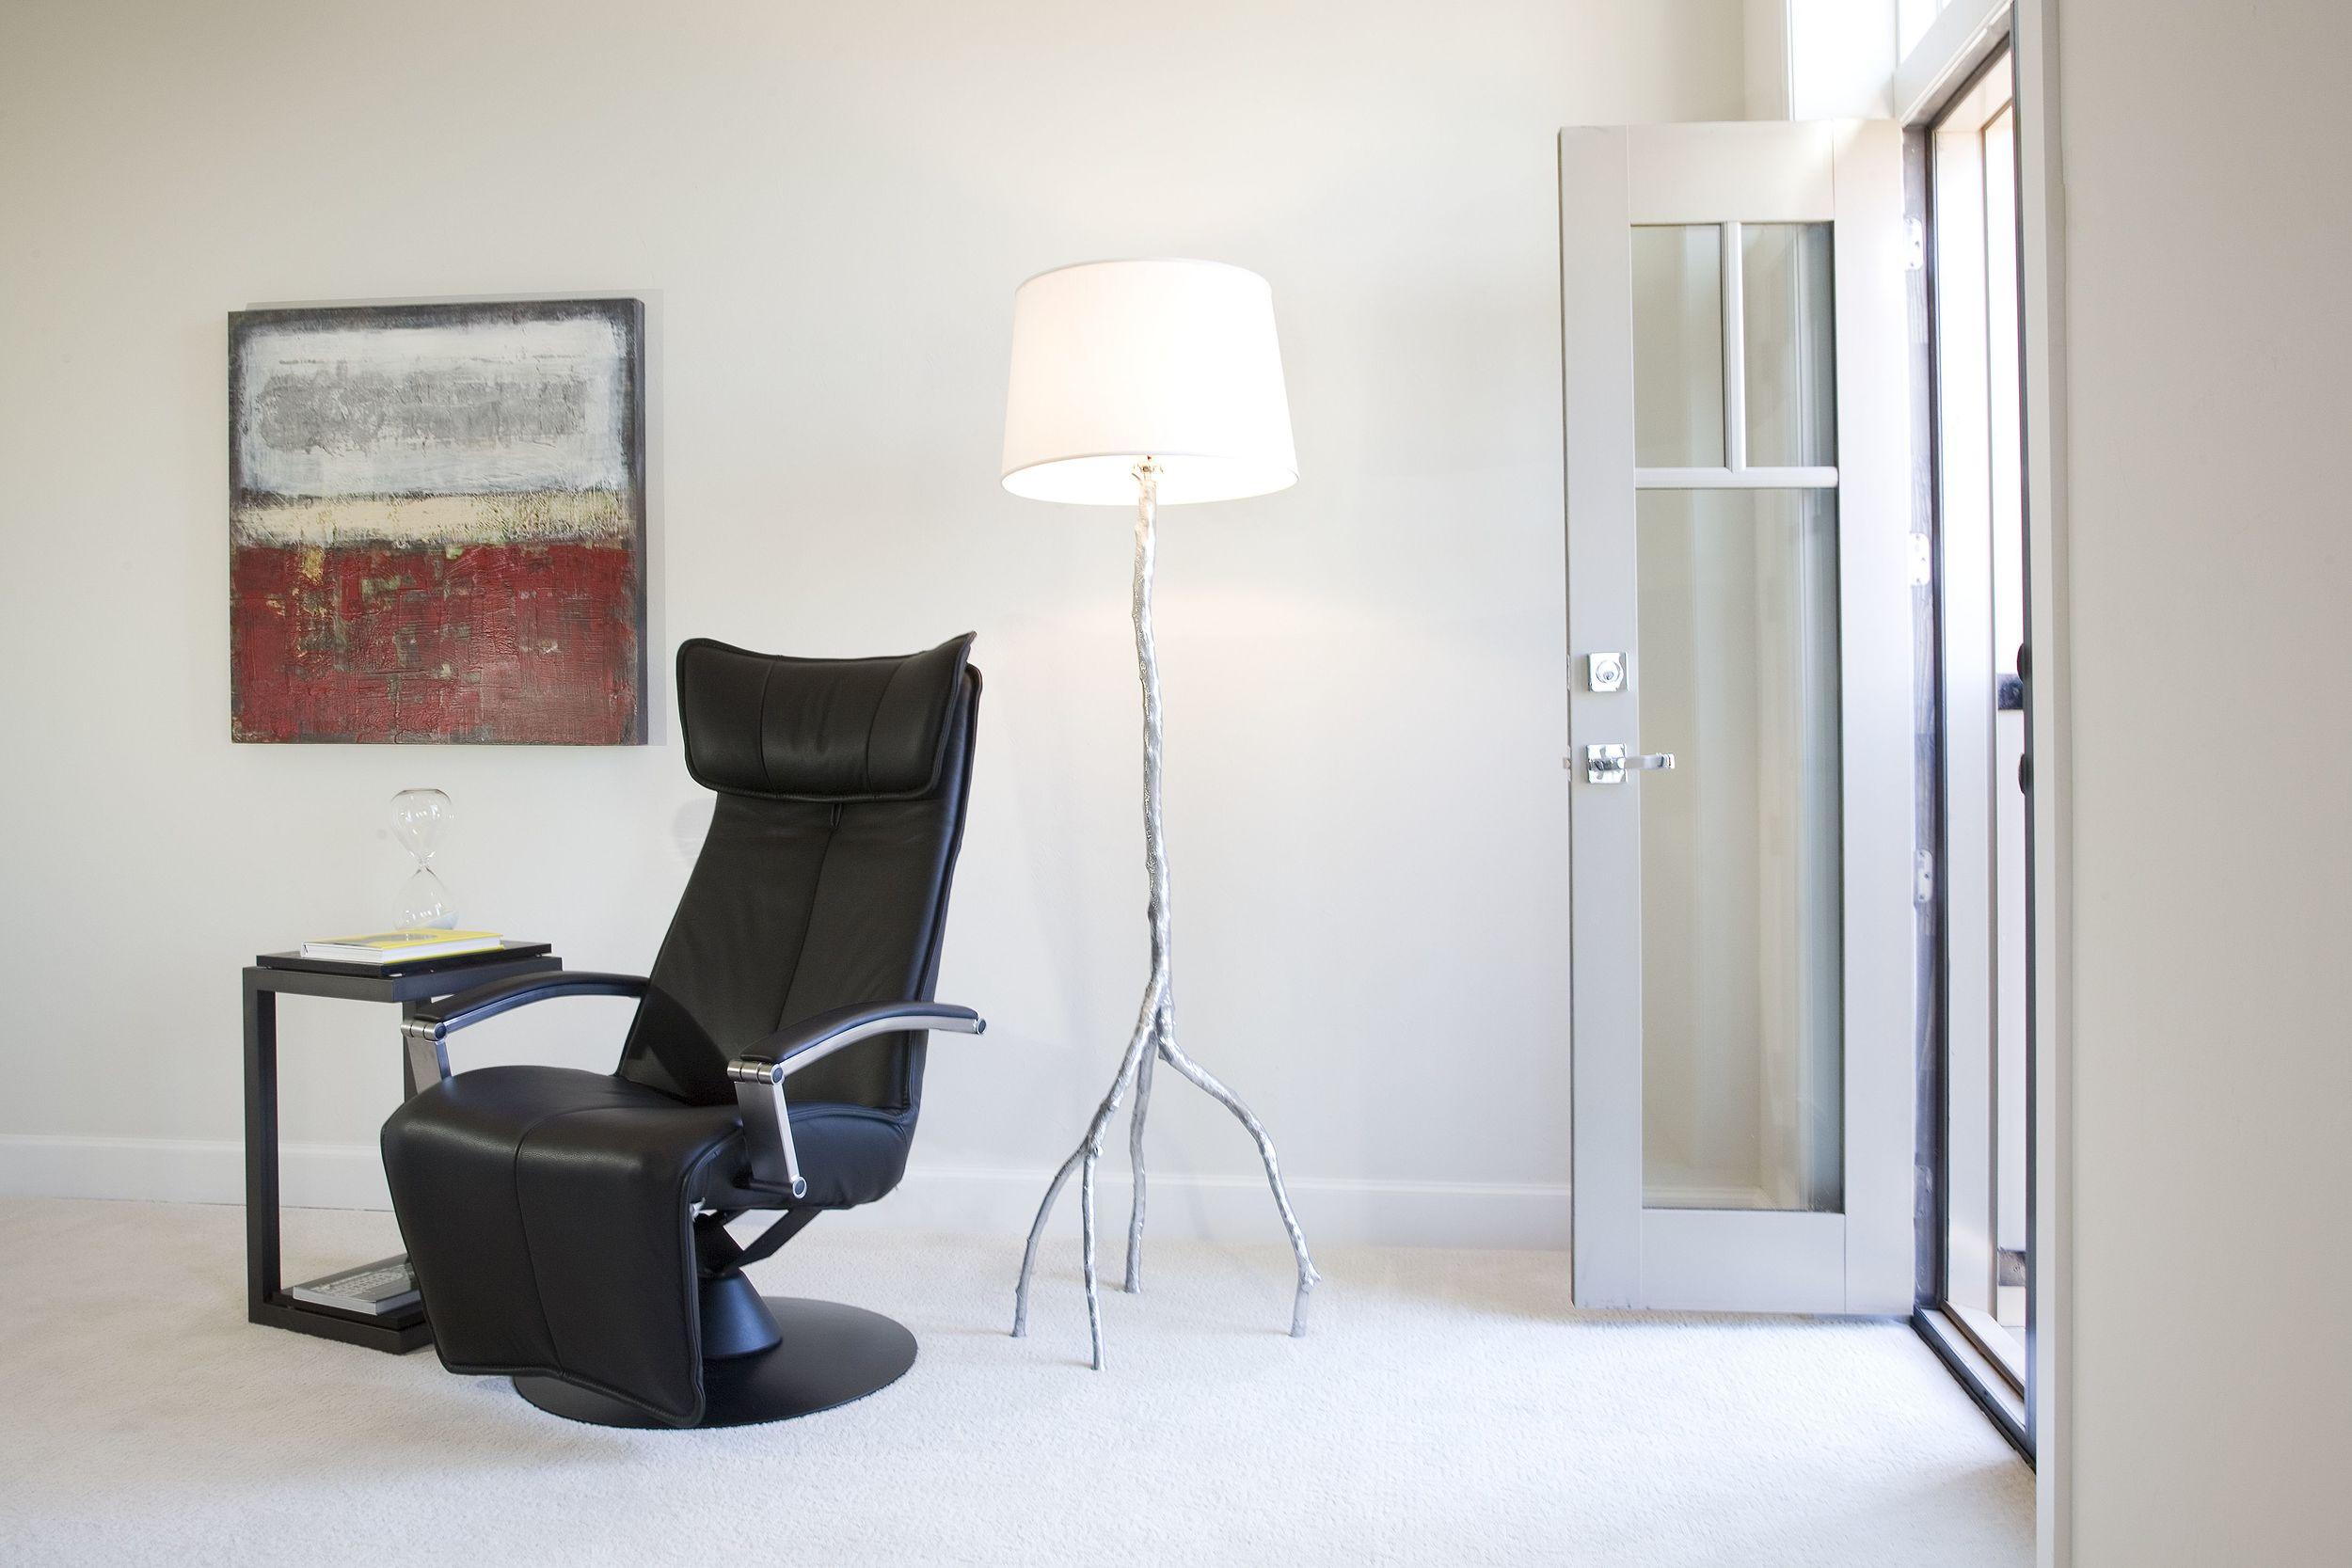 _MG_8752maywood recliner and lamp.jpg